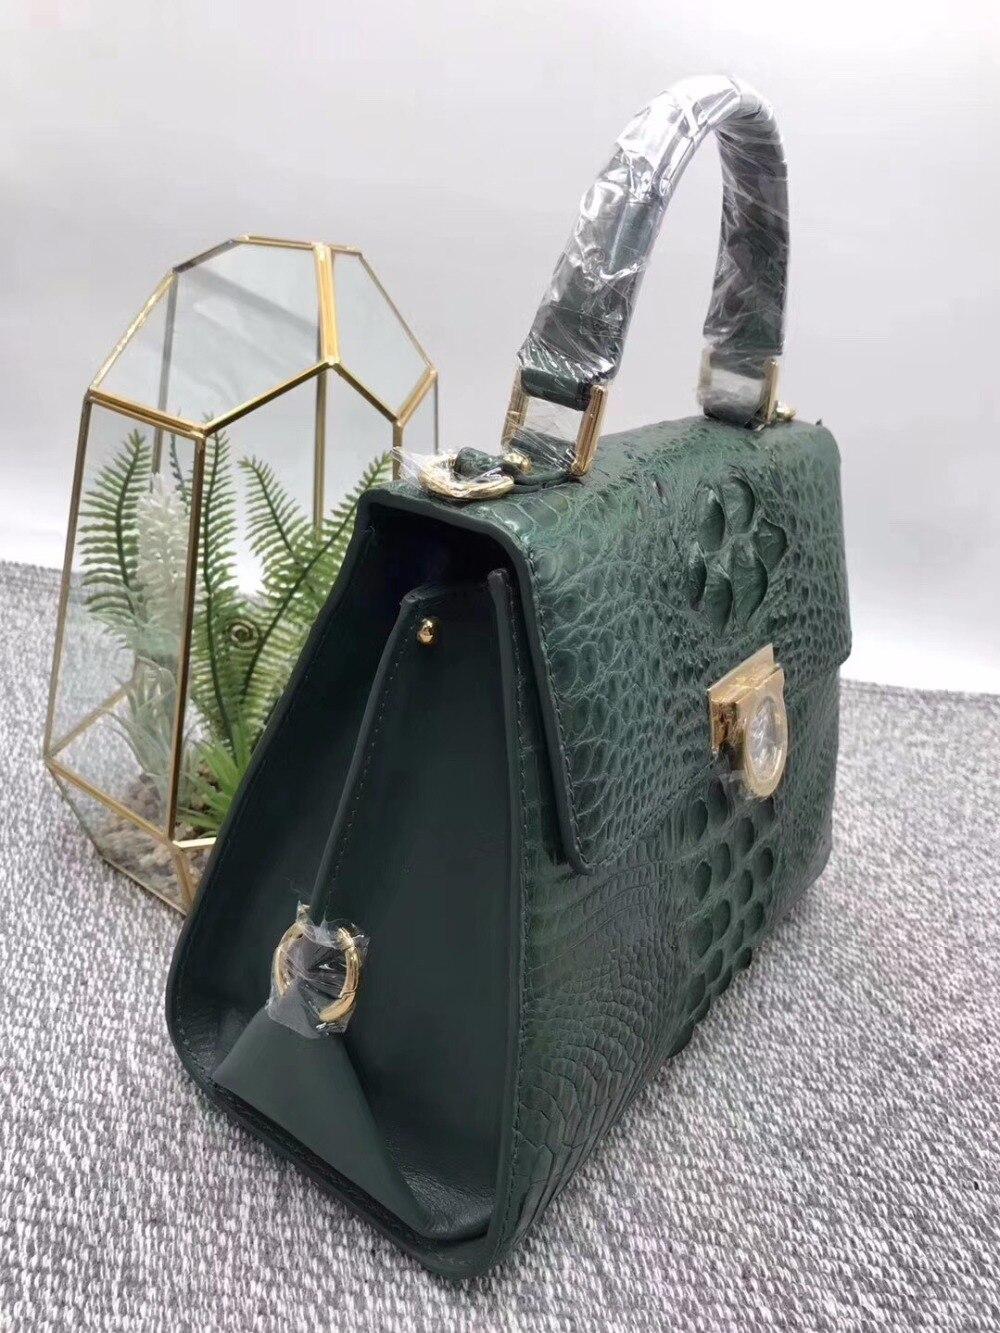 Medium Exotische Metall Frauen Geldbörse Handtasche Designer Hardware Mode Krokodil Weibliche Grün Alligator Dunkle Leder Haut Echtes fCwpng6q